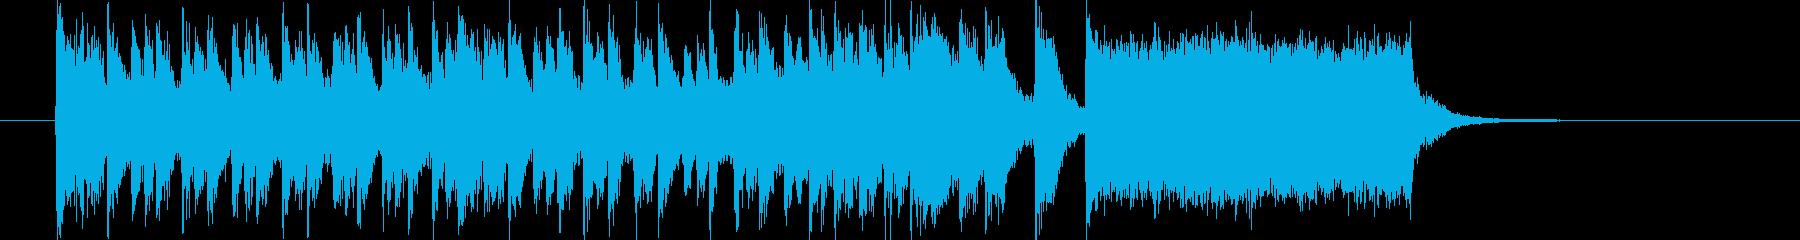 華やかで明るいトランペットジングルの再生済みの波形